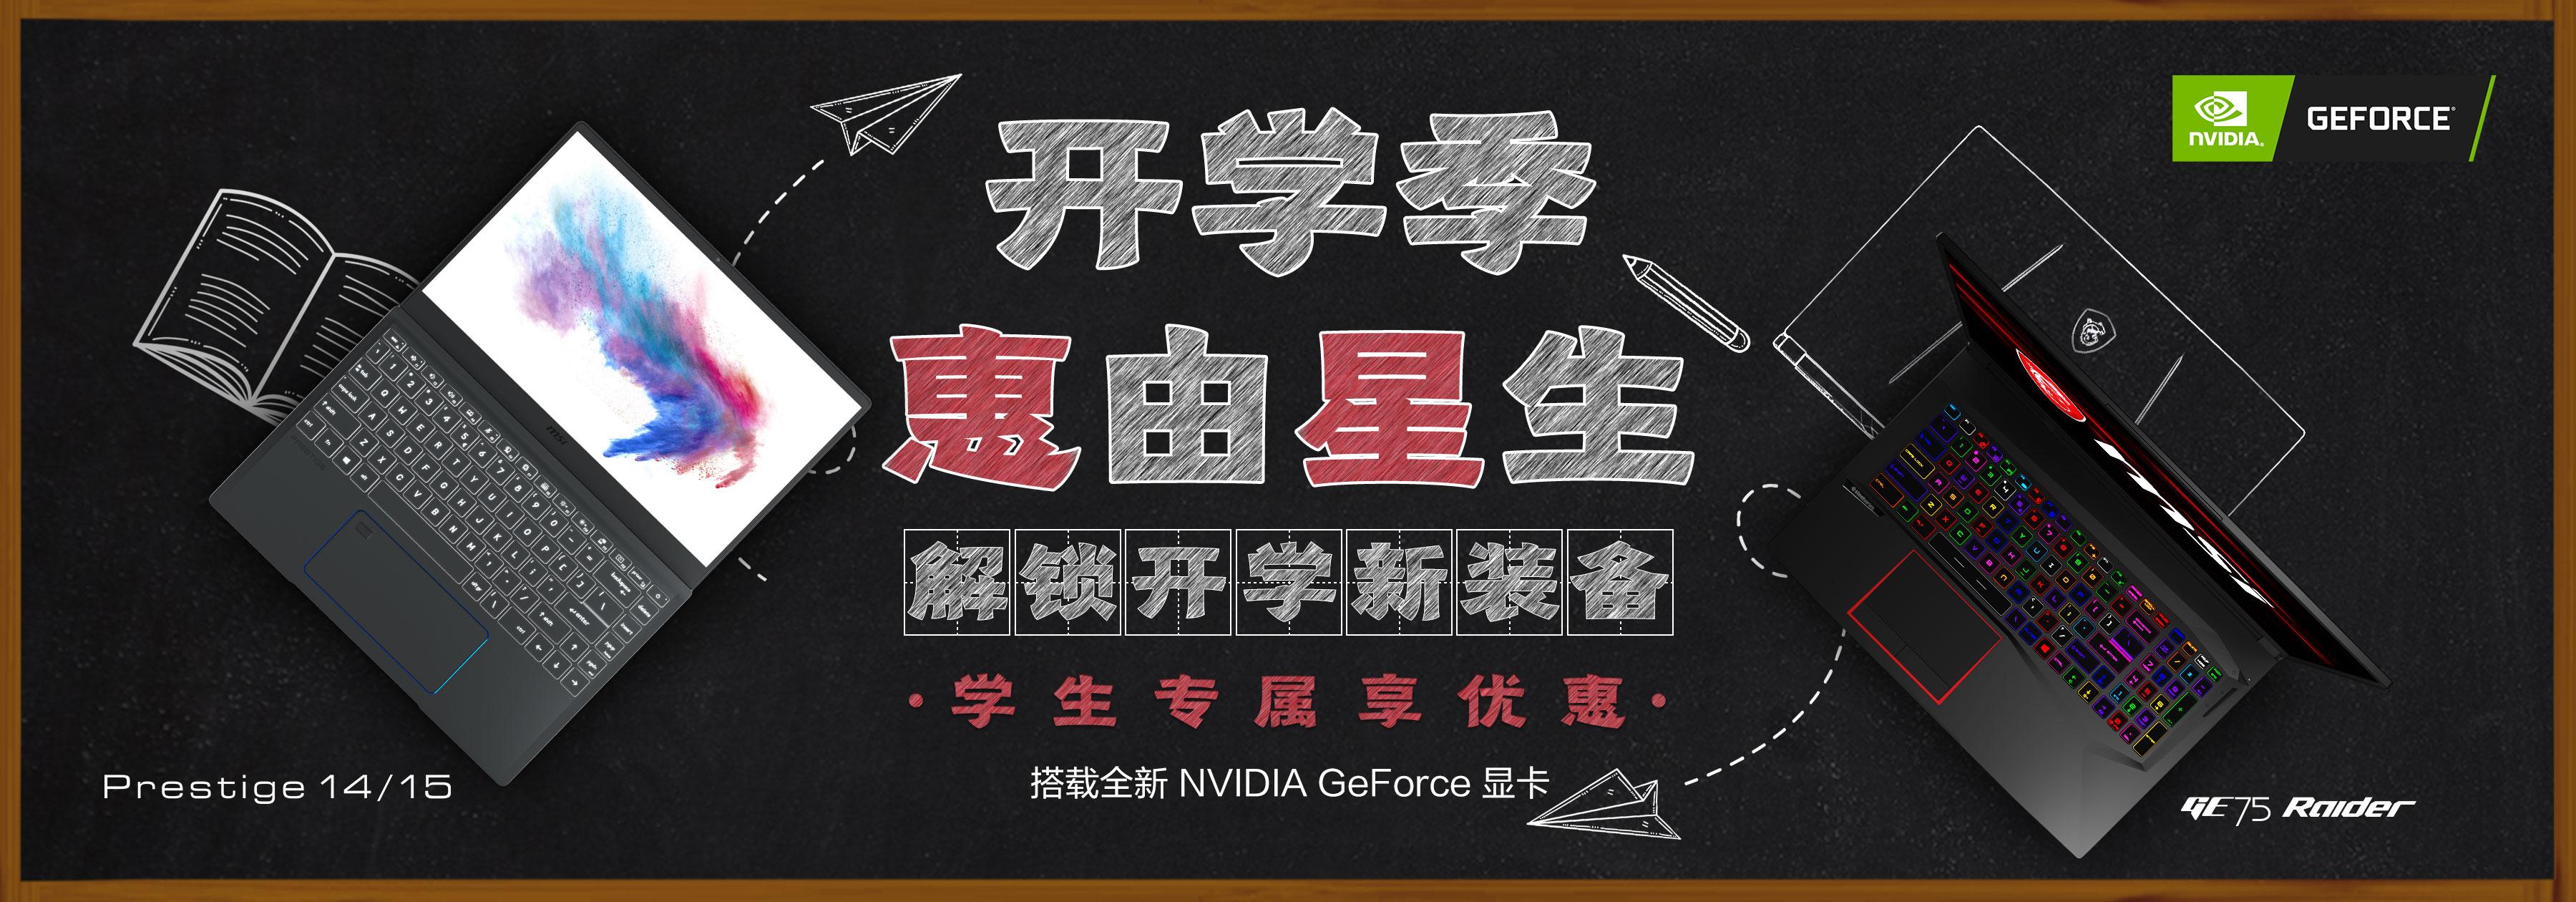 惠由星生   解锁开学新装备 学生专属享优惠